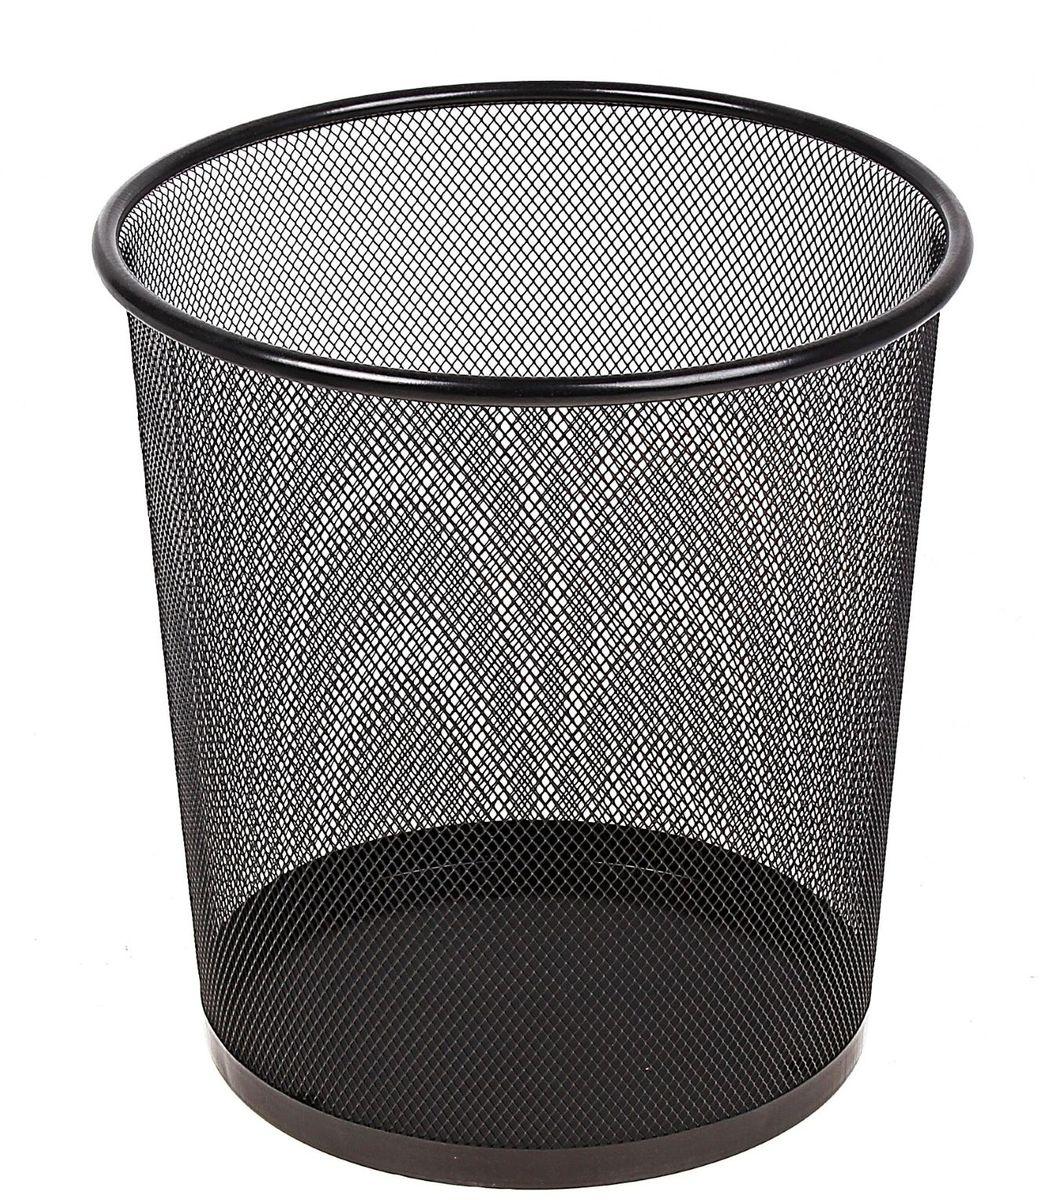 Корзина для бумаг цвет черный 12 л548721Корзина для бумаг выполнена из металлической сетки и предназначена для сбора мелкого мусора и бумаг.Удобная компактная корзина прекрасно впишется в интерьер гостиной, спальни, офиса или кабинета.